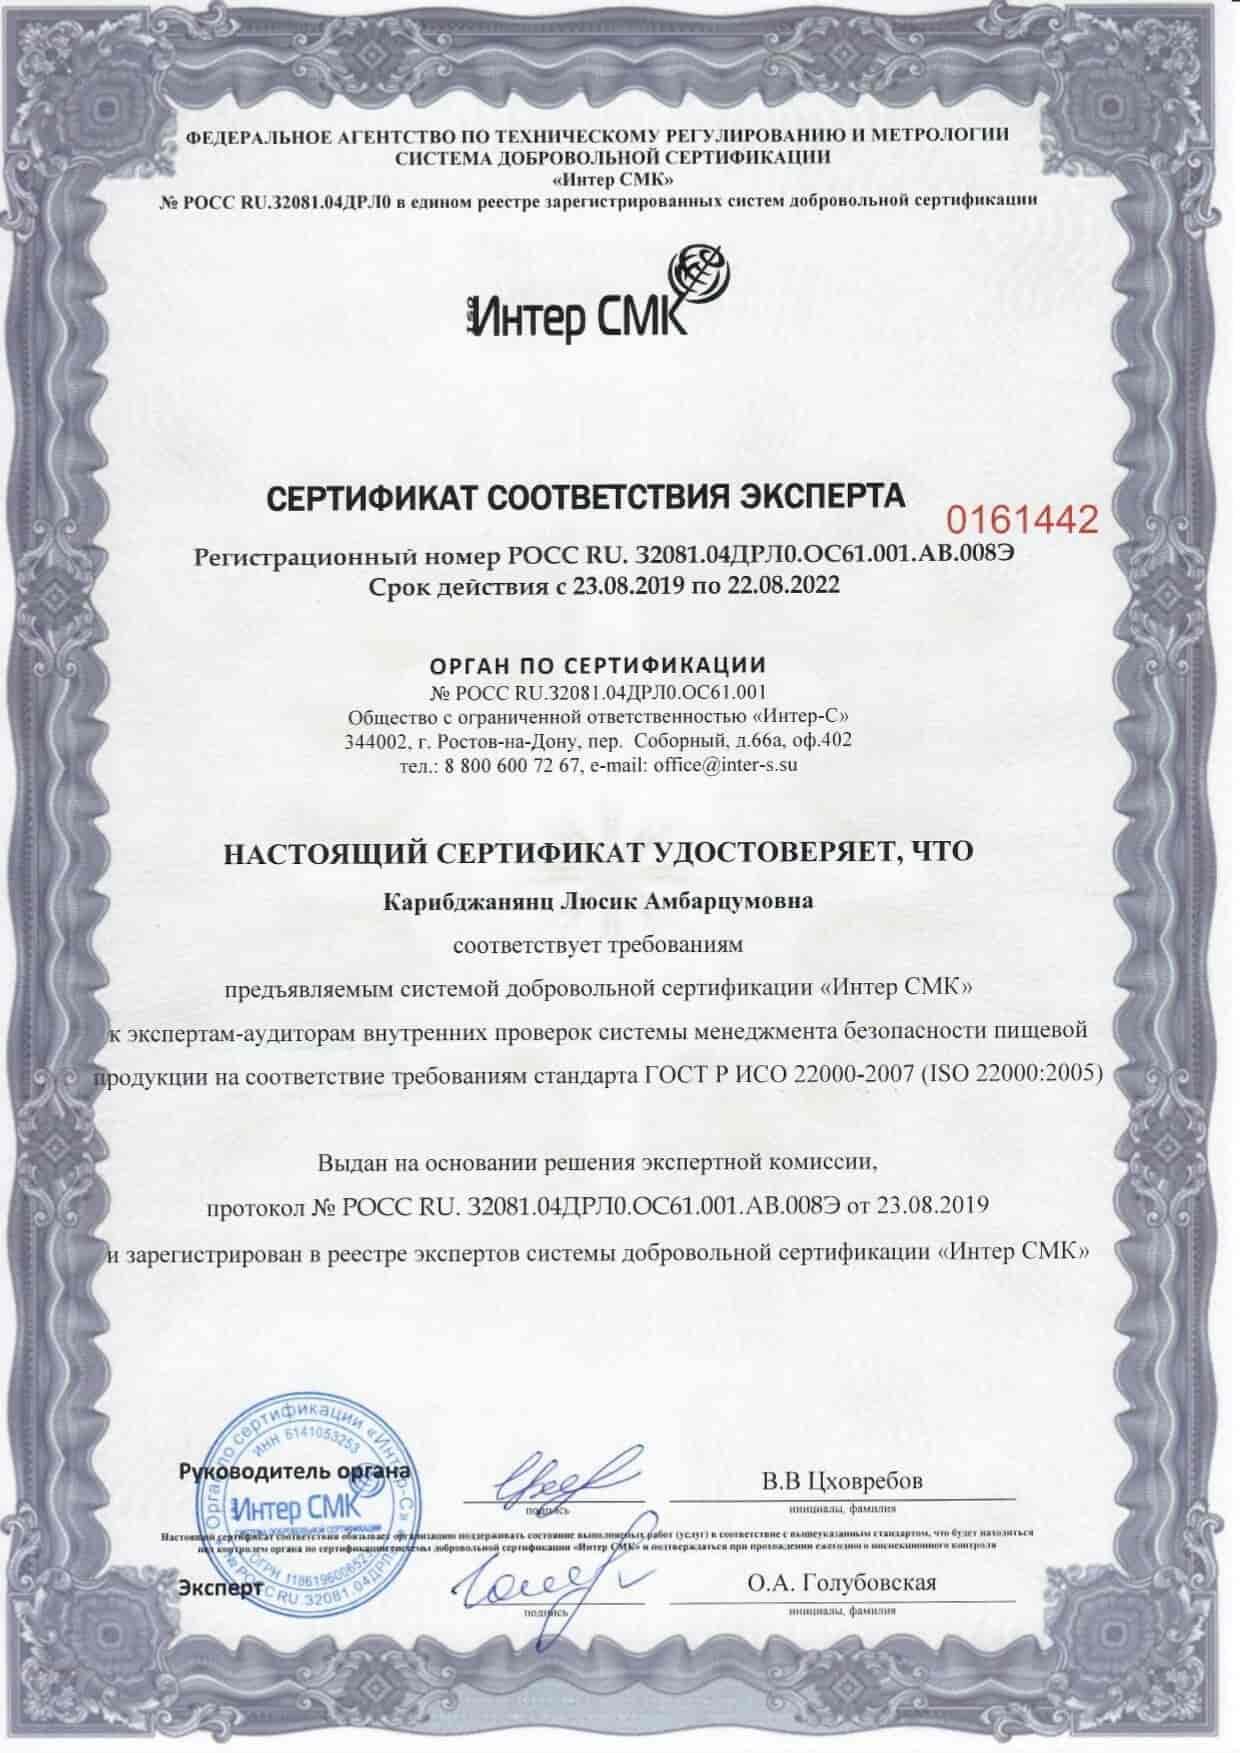 Сертификат соответствия эксперта -2